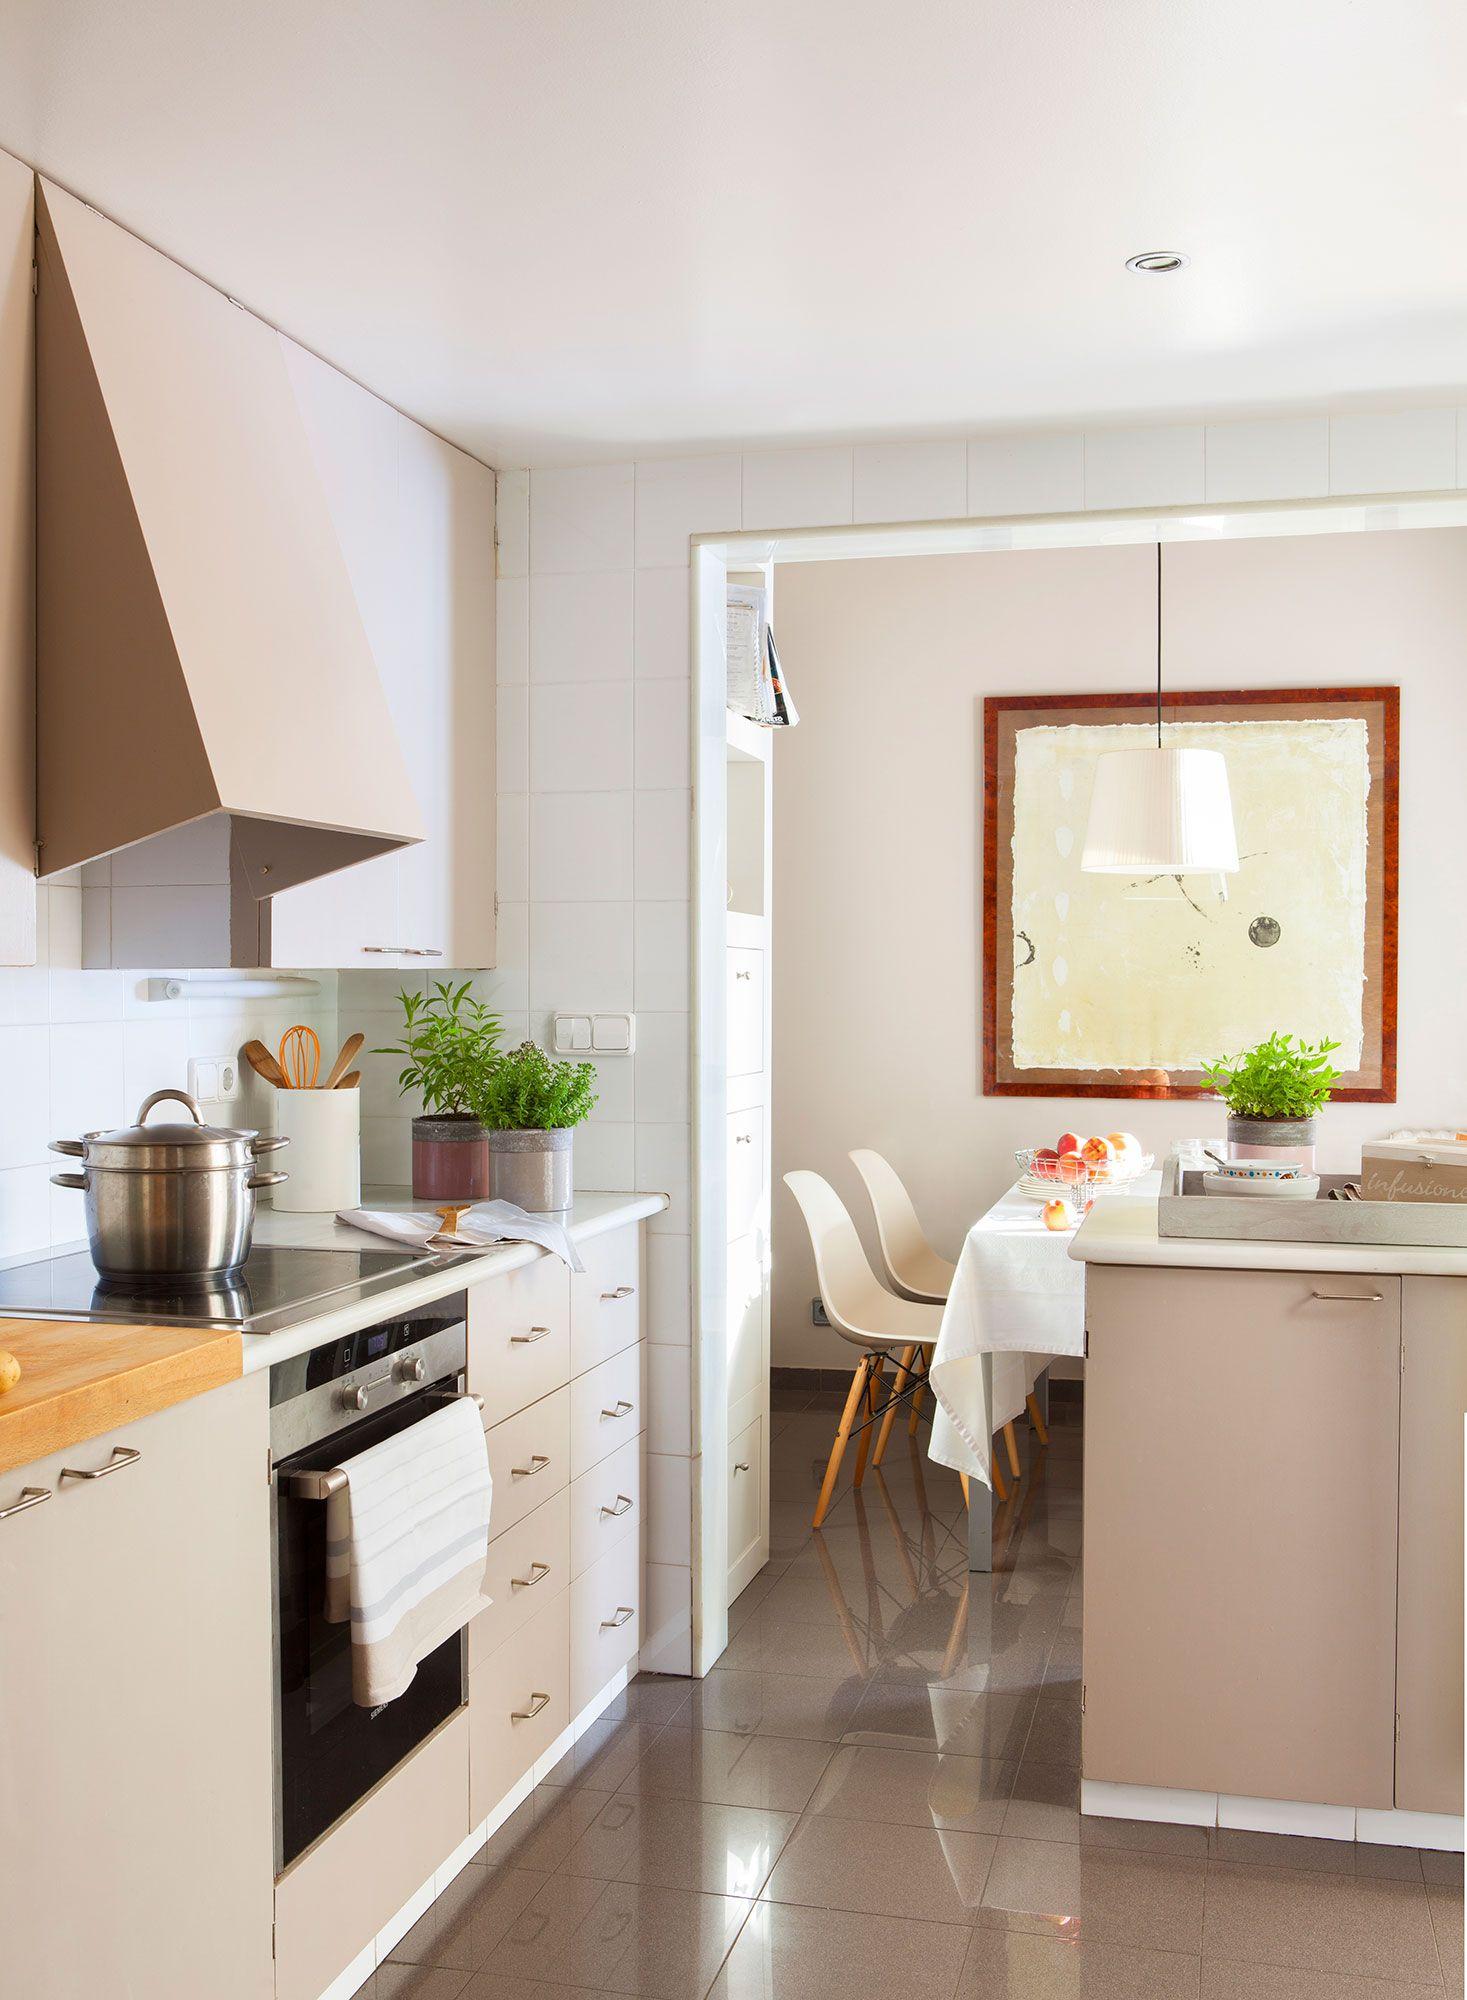 Renovar la cocina sin obras 10 reformas low cost for Medidas azulejos cocina